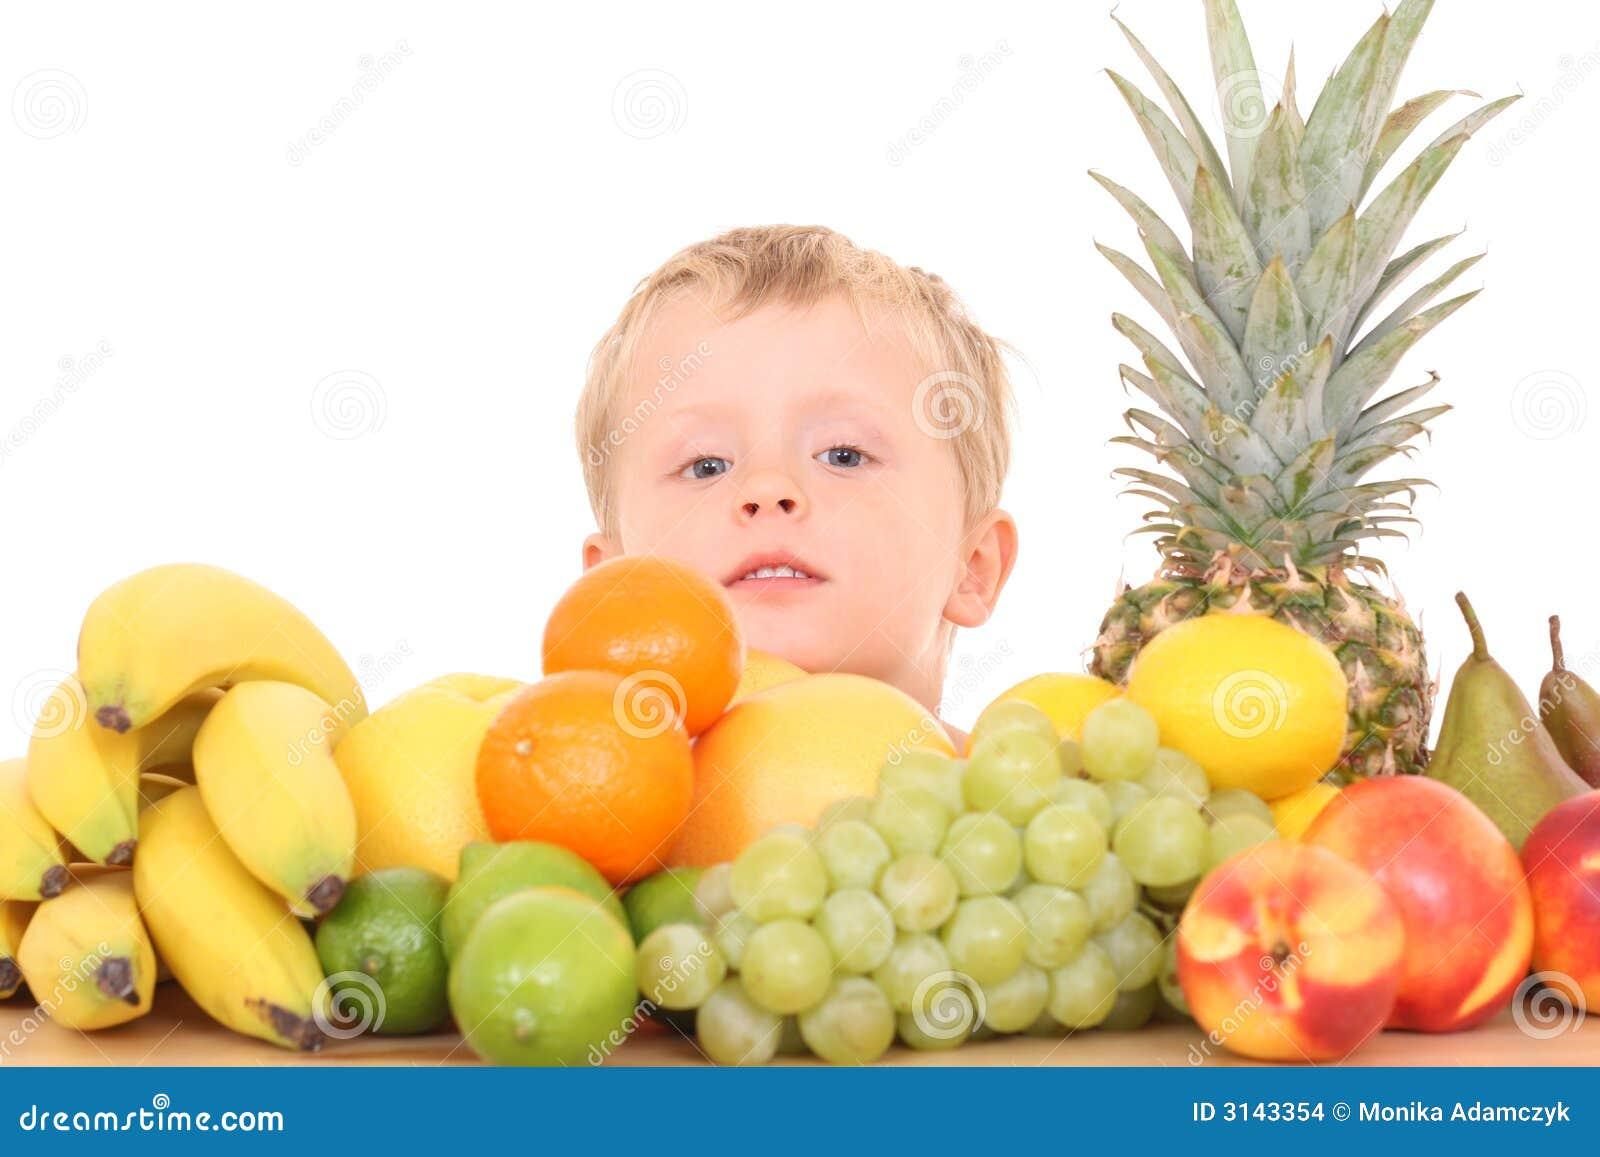 Cabrito con sabor a fruta